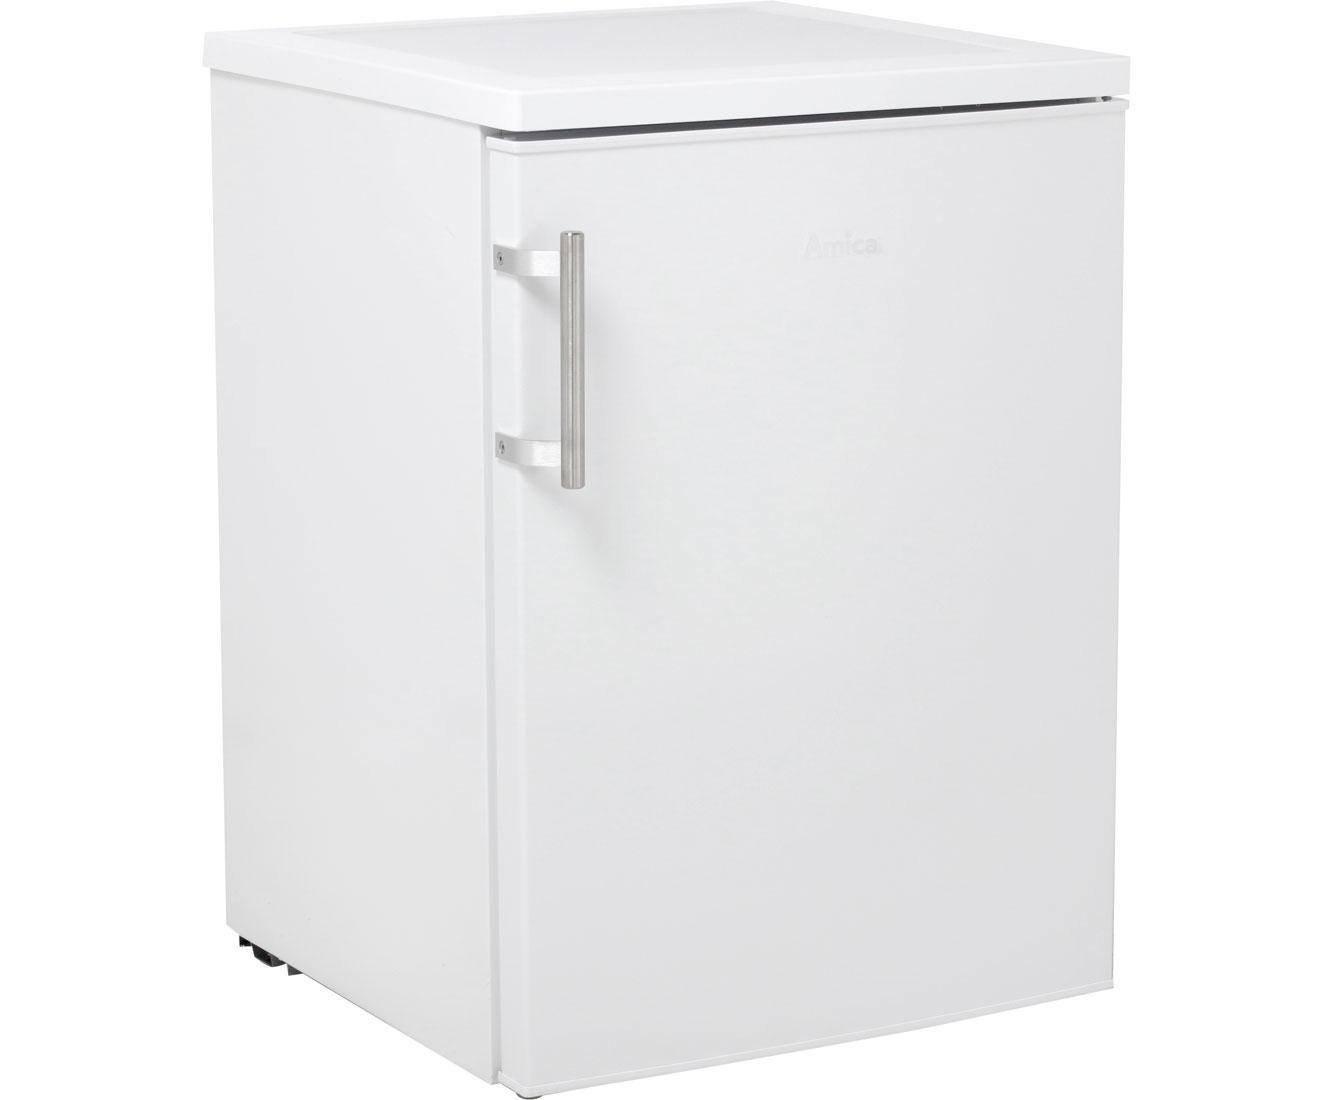 Amica Kühlschrank Firma : Amica ks w kühlschrank freistehend cm weiß neu ebay